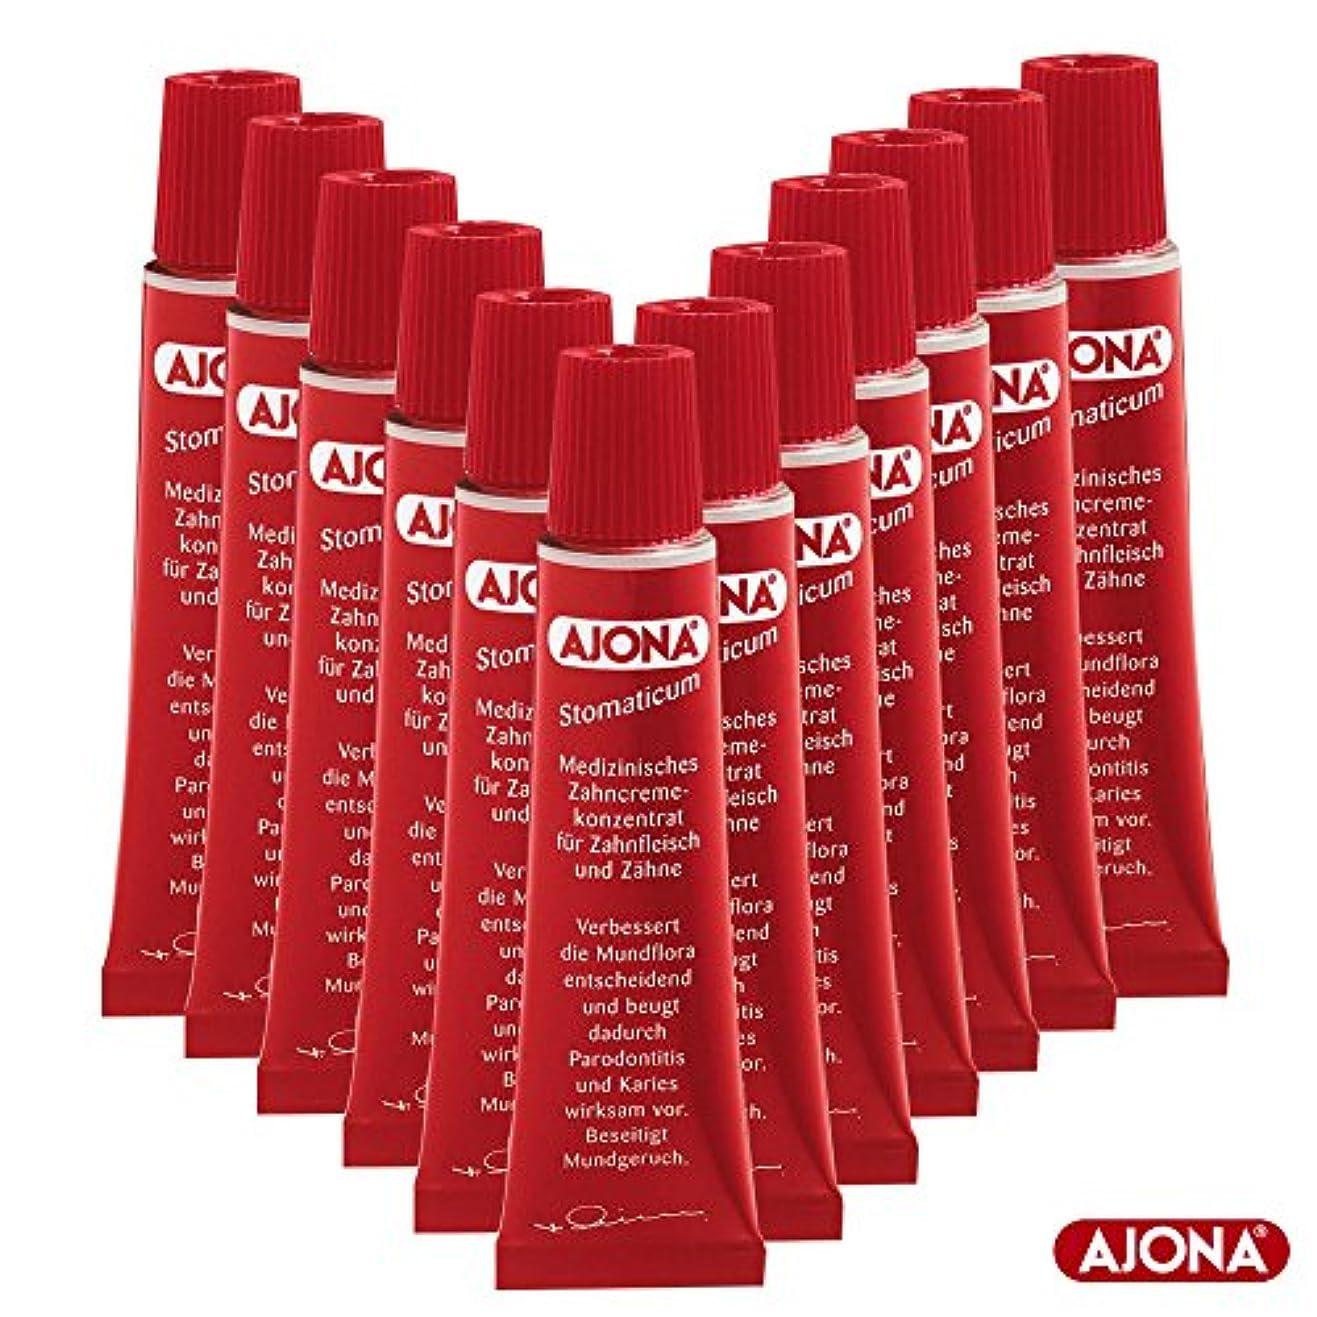 外部解放するハシーAjona 濃縮歯磨き粉 Stomaticum Toothpaste 25ml(12x 25ml)-12Pack [並行輸入品]